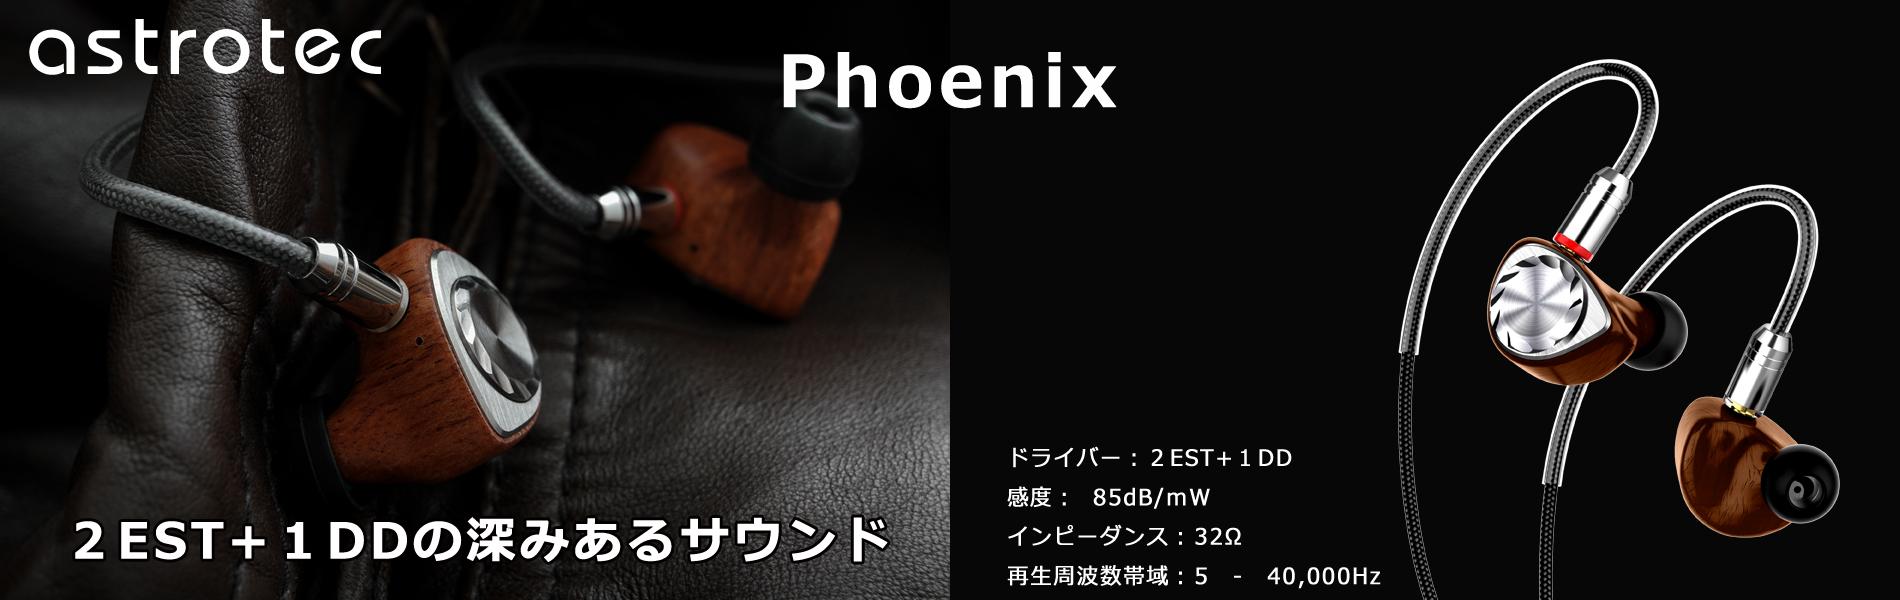 Astrotec Phoenix